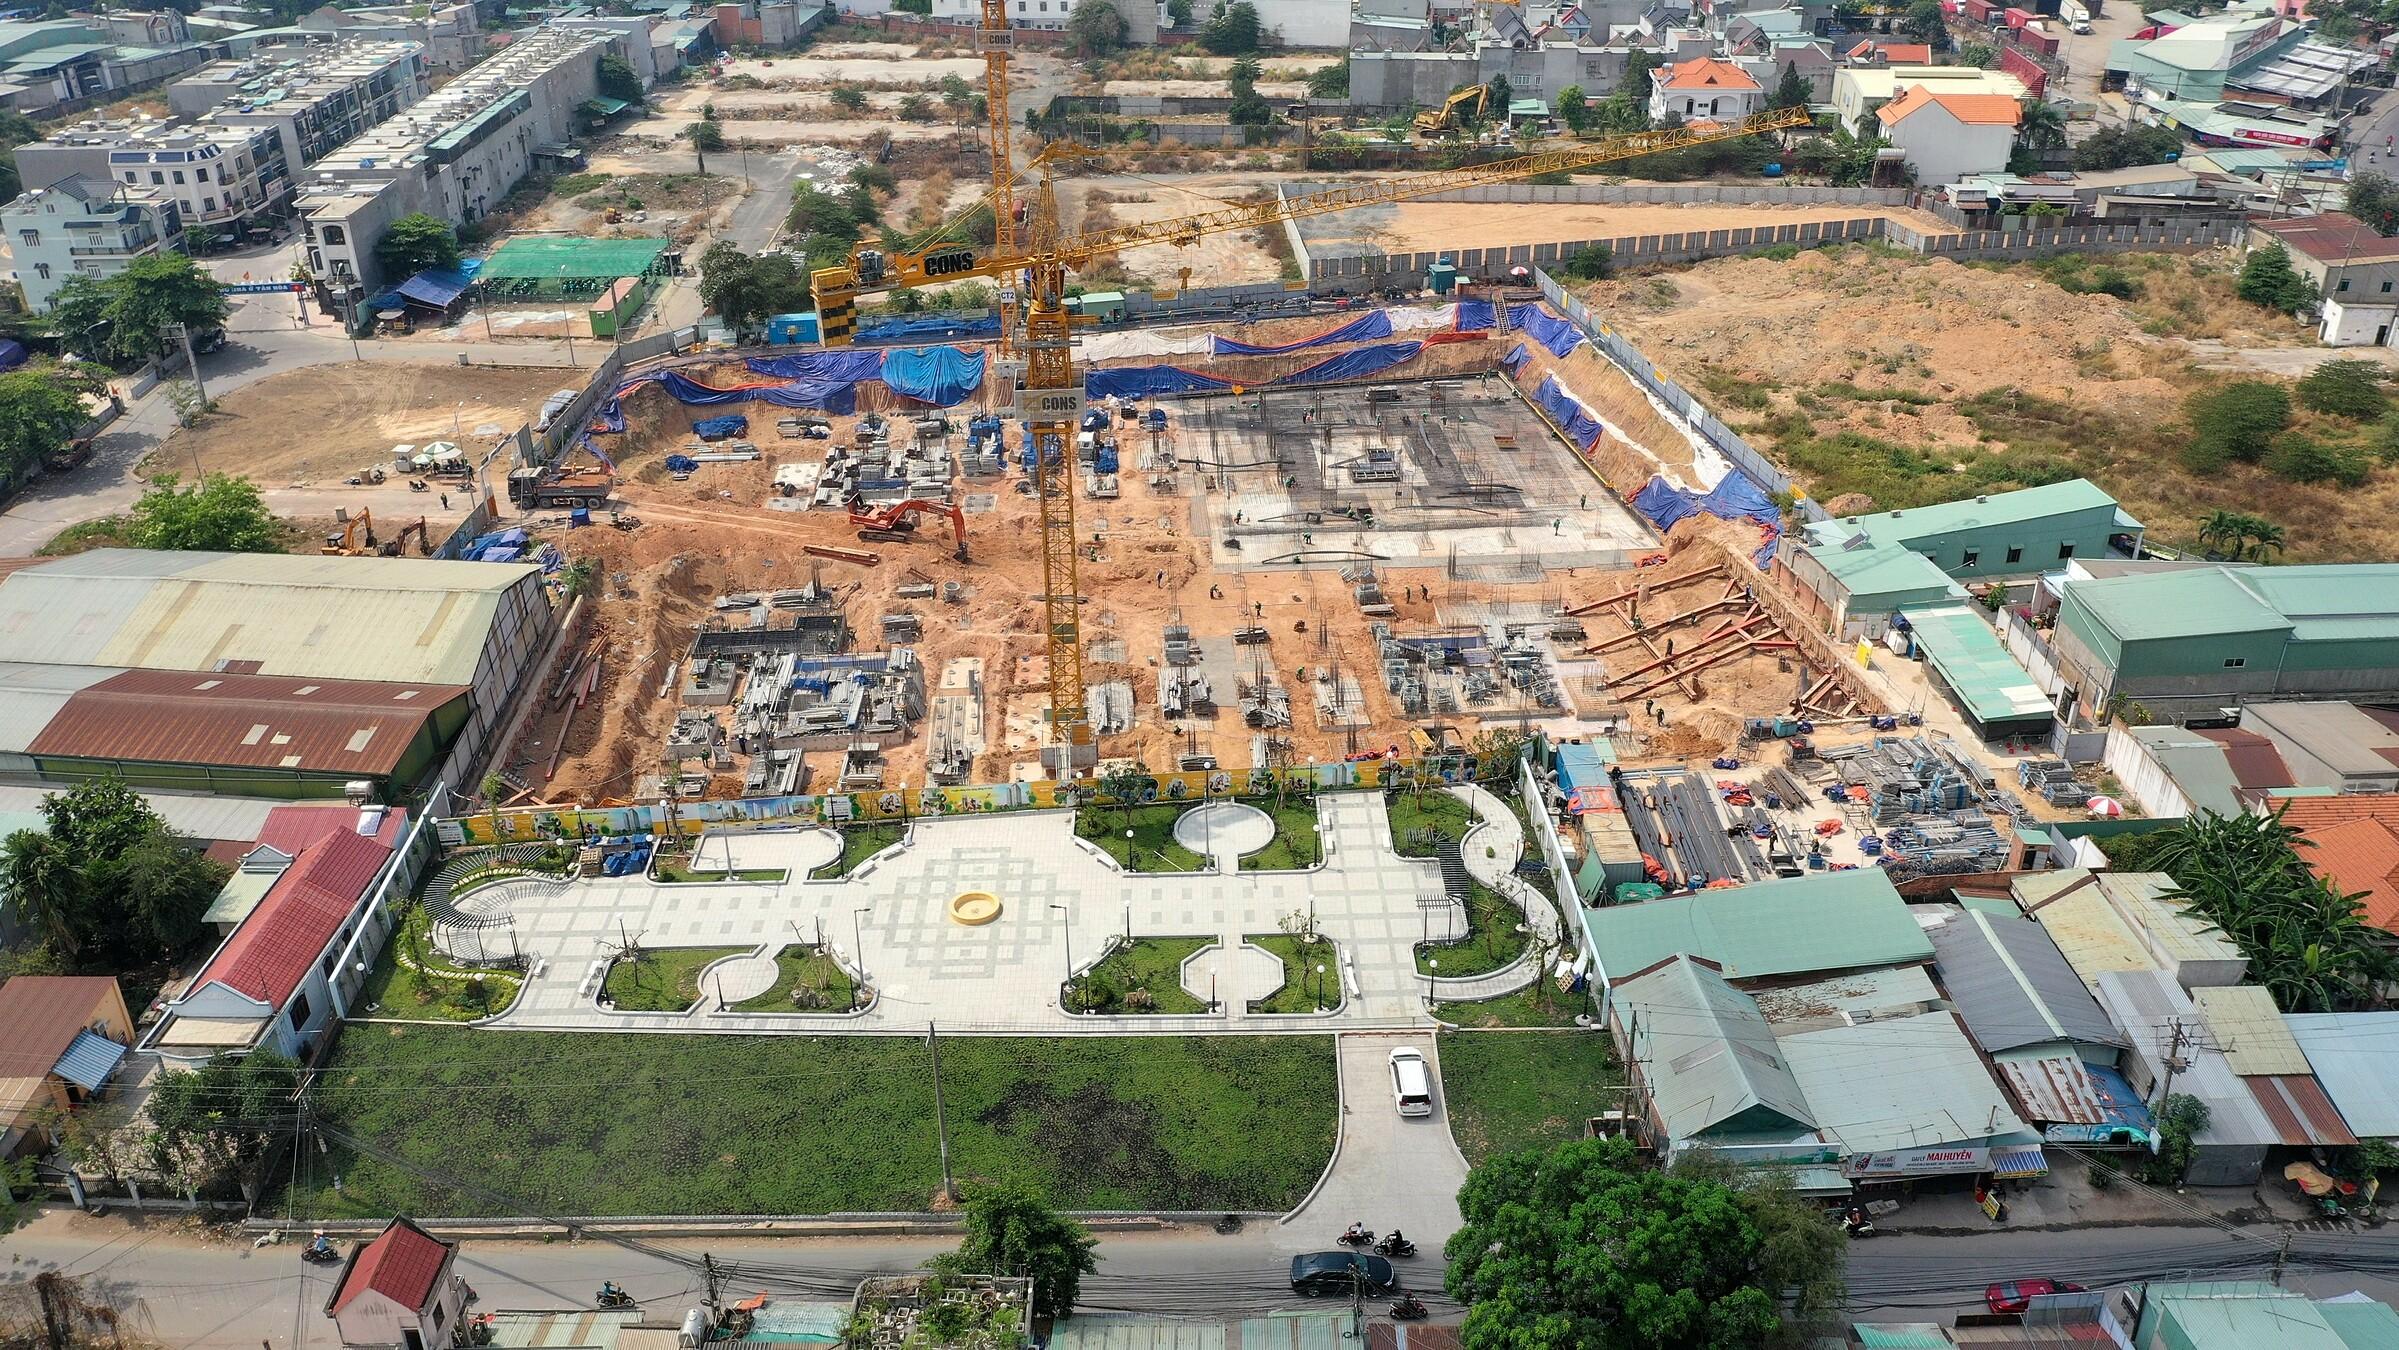 Công trường dự án Bcons Plaza đầu tháng 3. Thông tin các dự án Bcons tìm hiểu tại https://bcons.com.vn. Ảnh: Bcons.